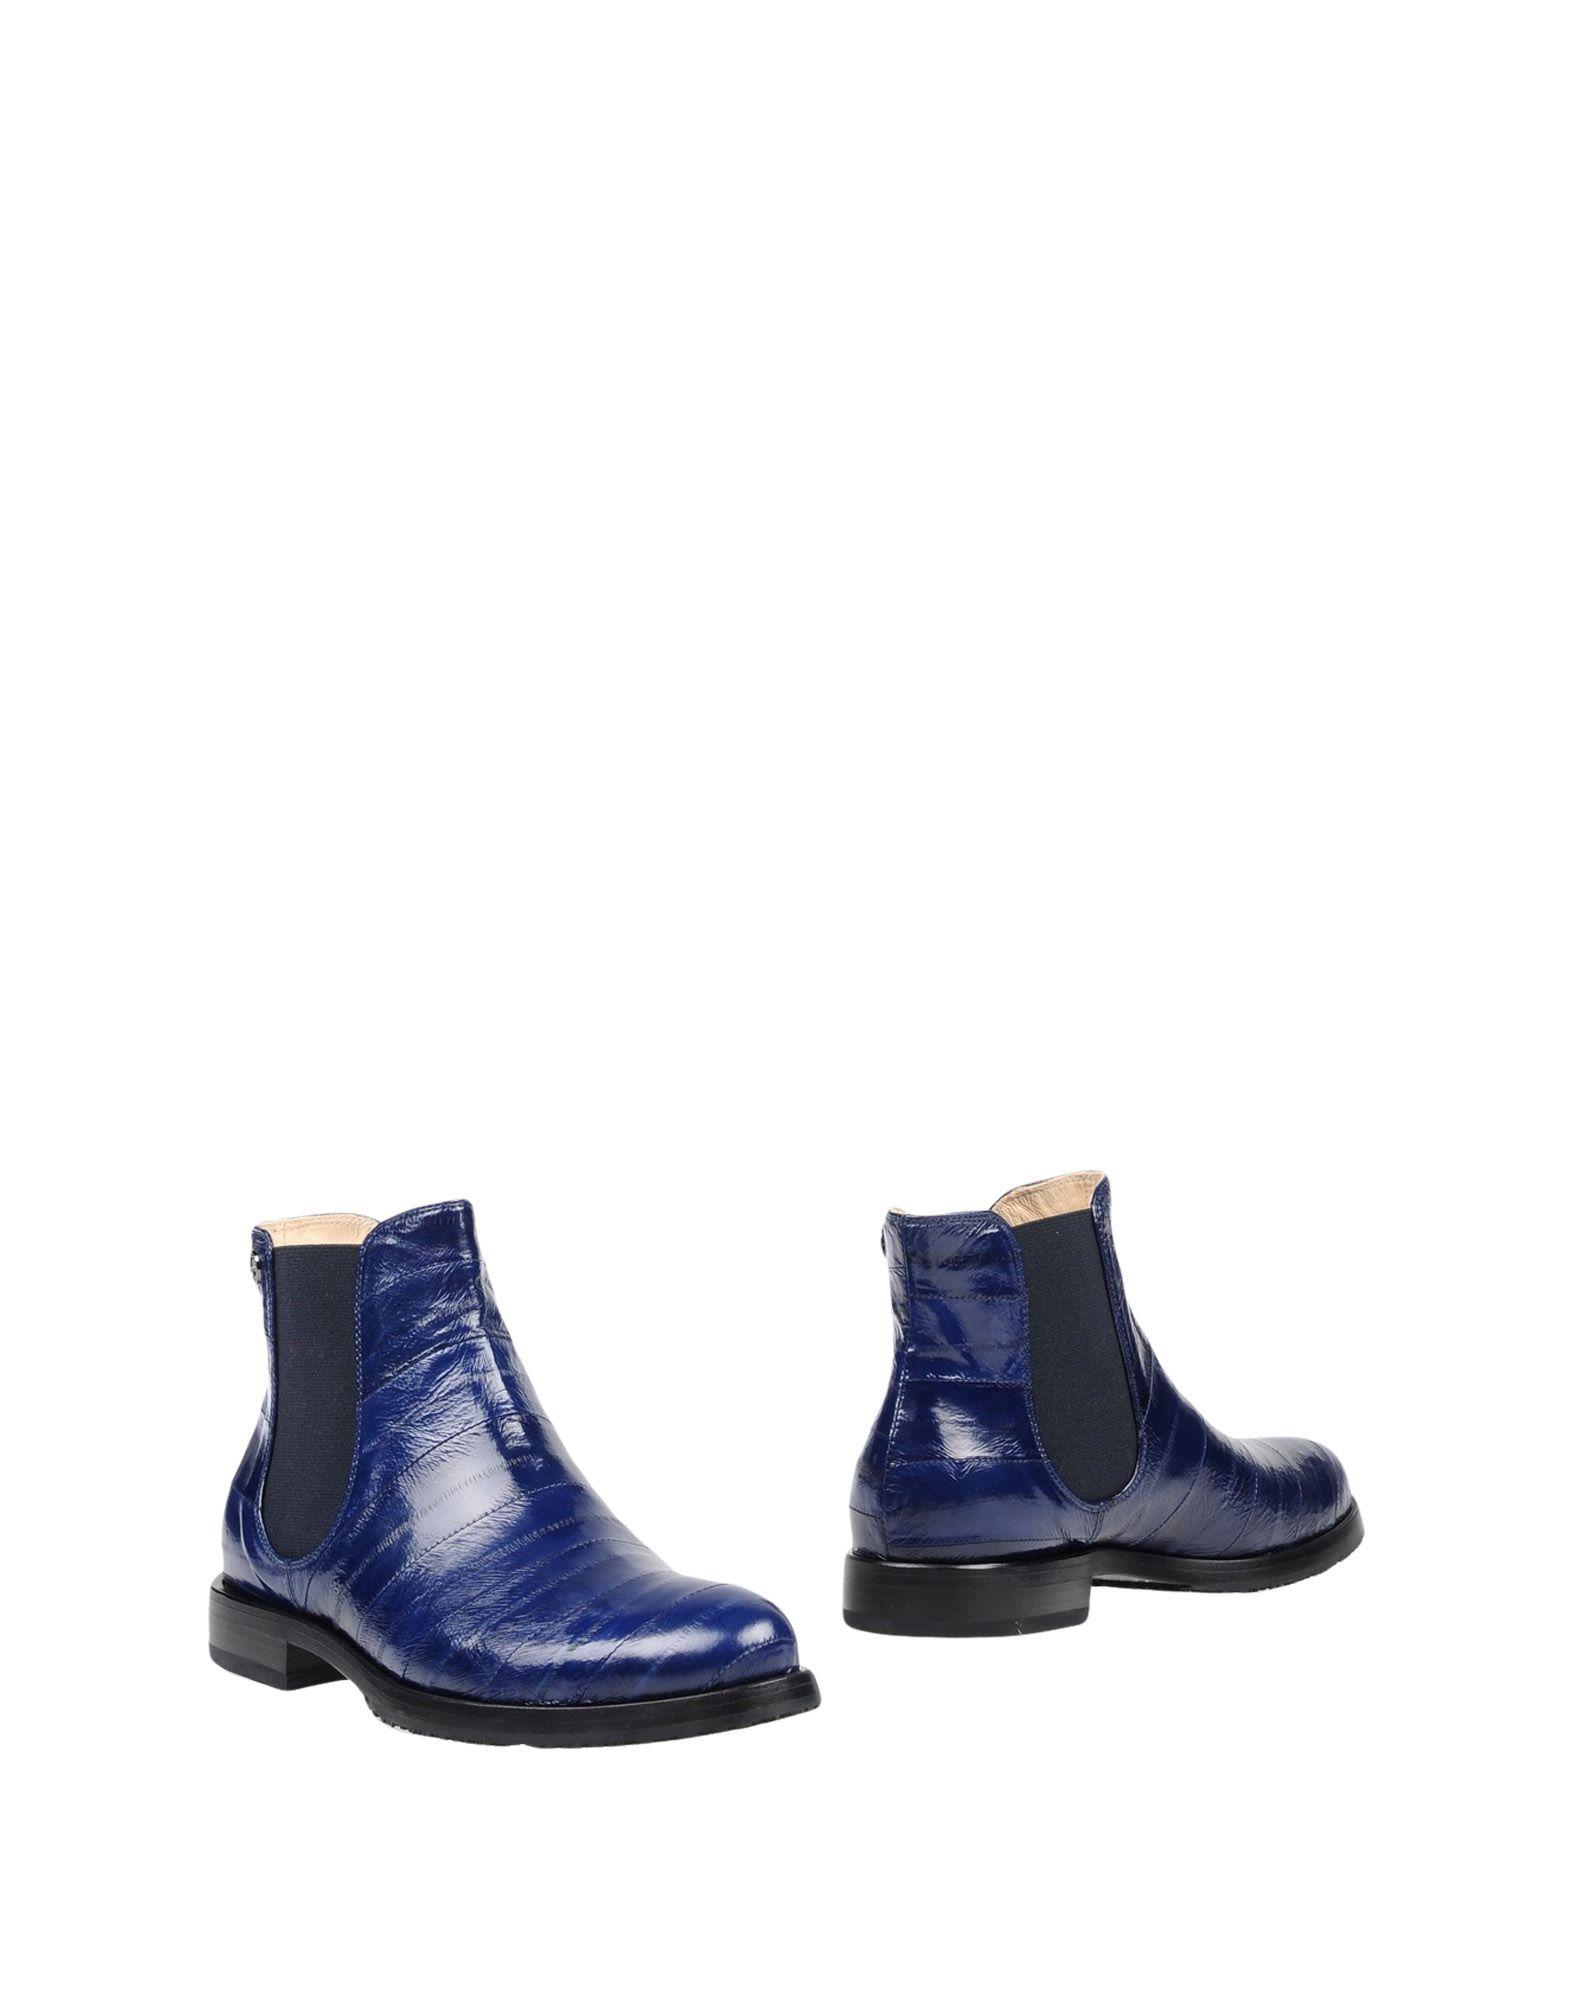 Fabi Chelsea Boots Damen  11415920RF Gute Qualität beliebte Schuhe